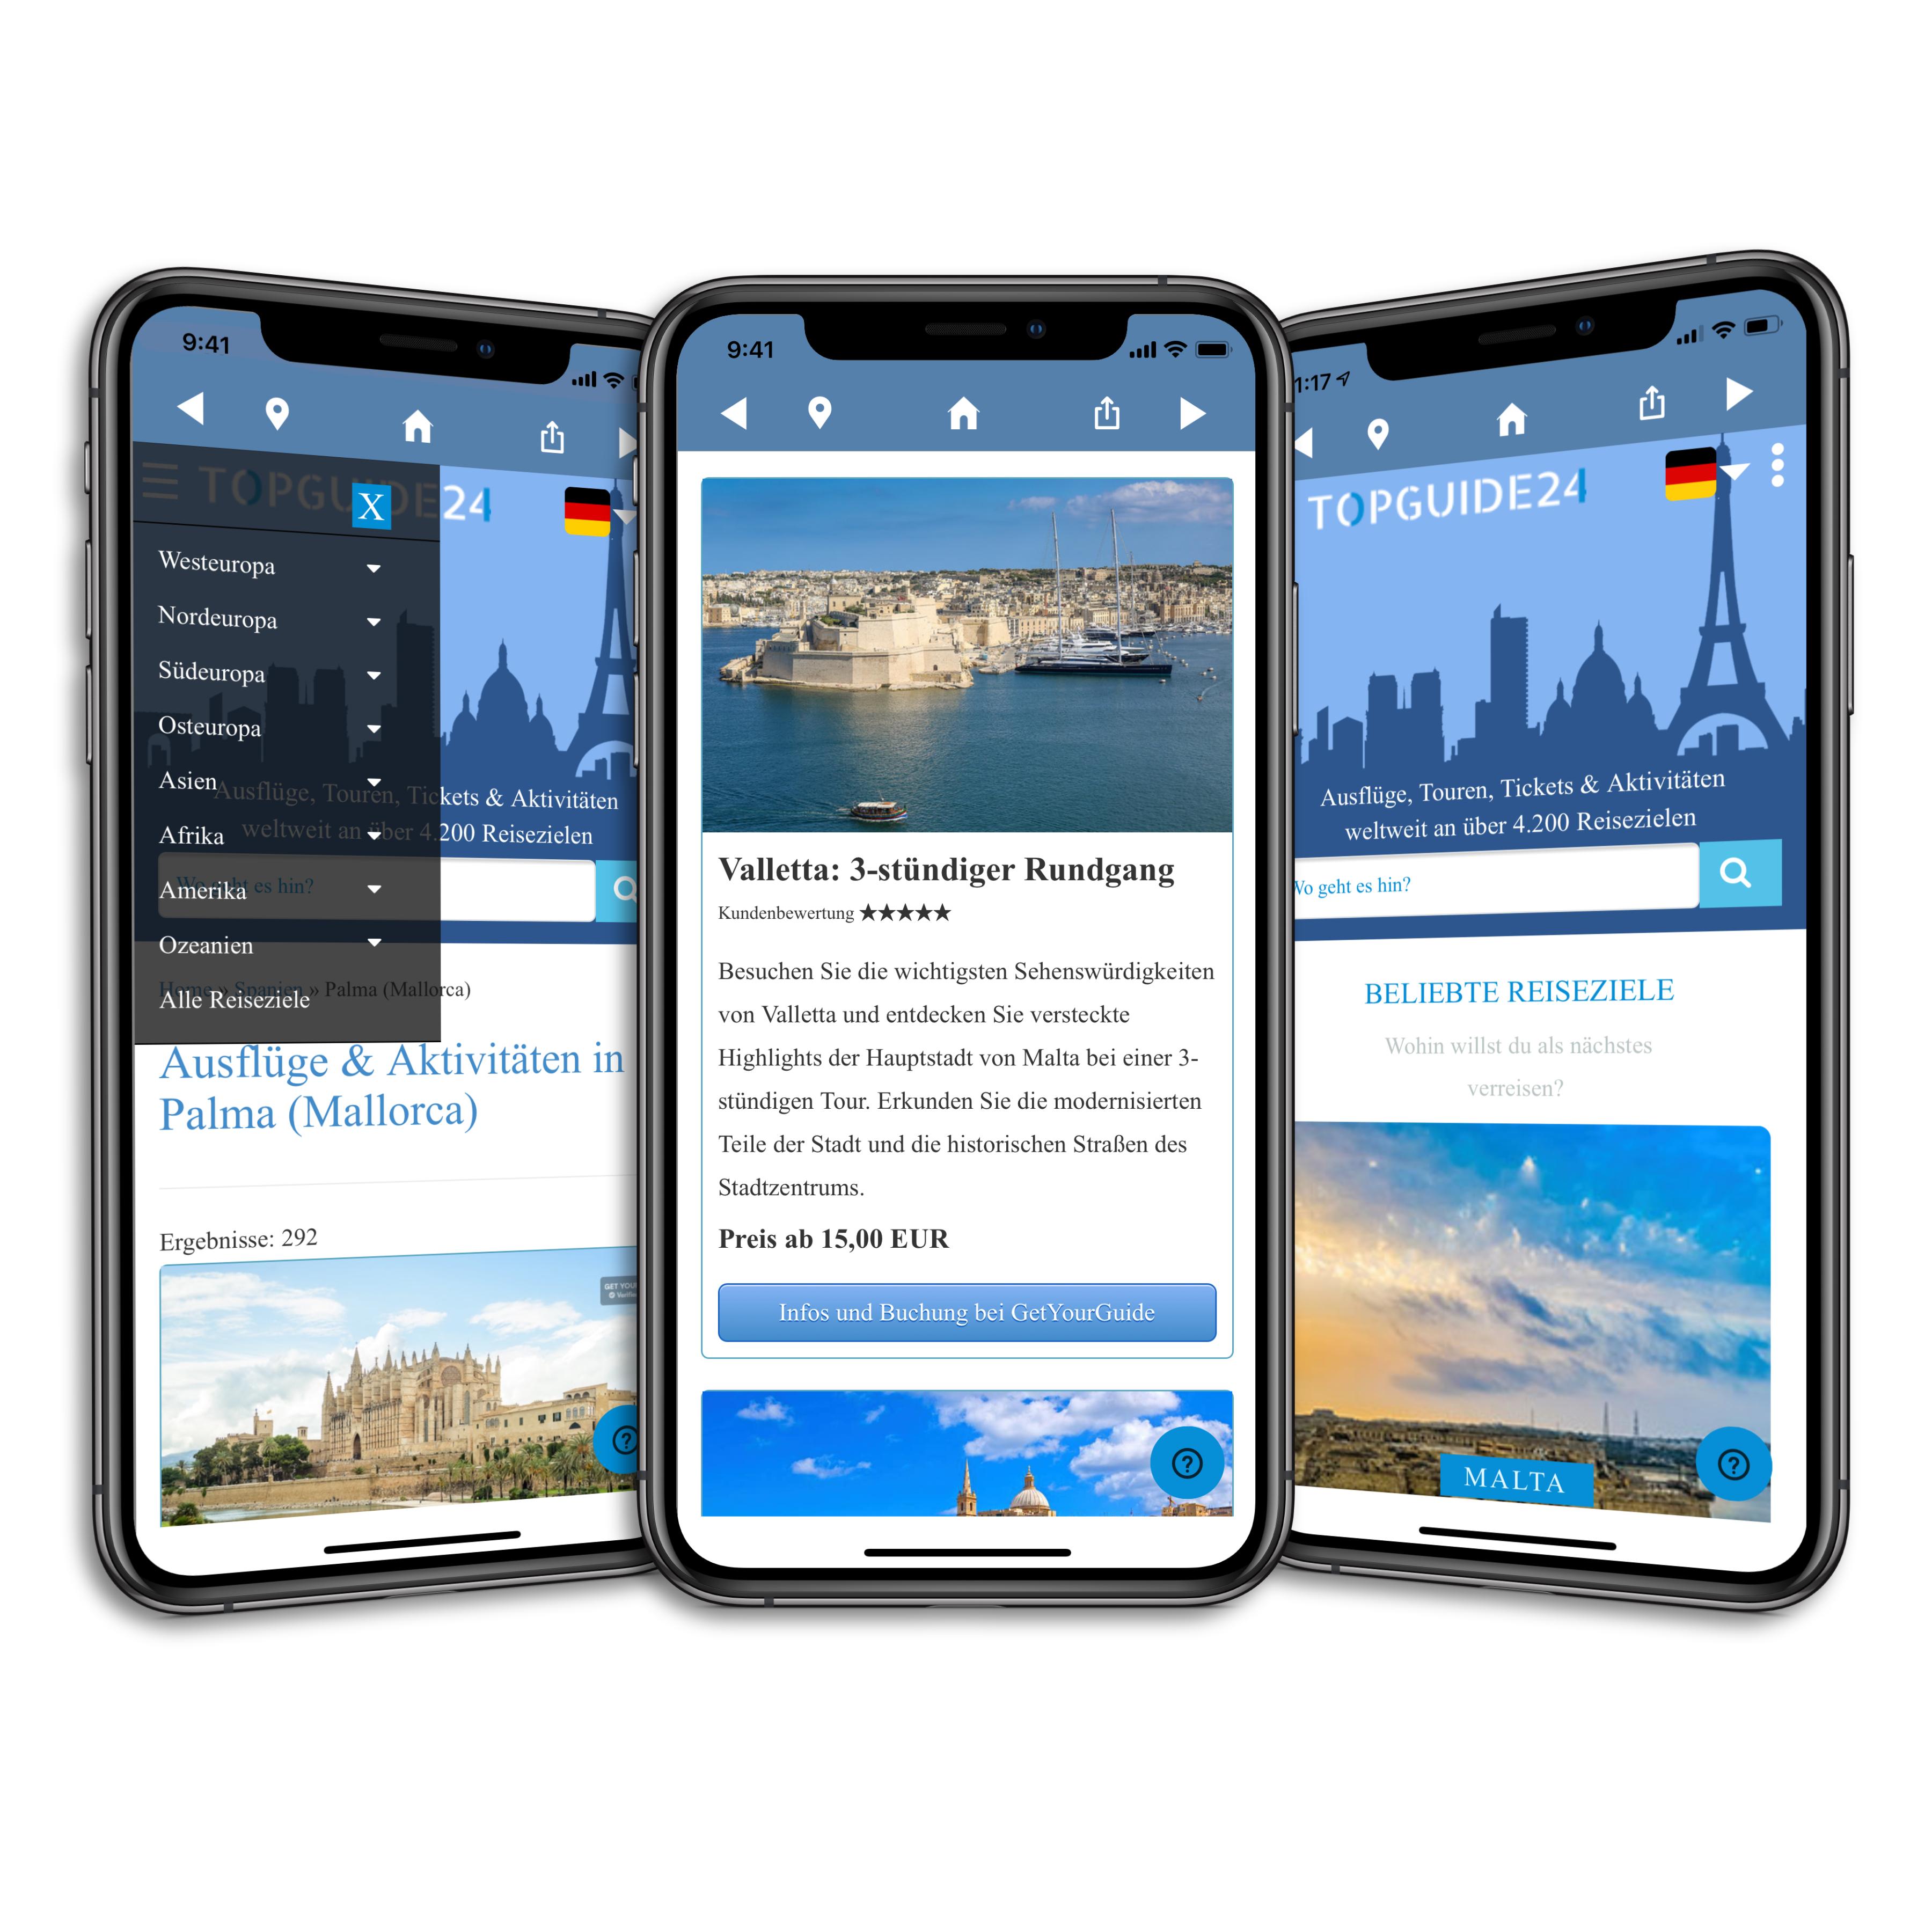 Topguide24 App